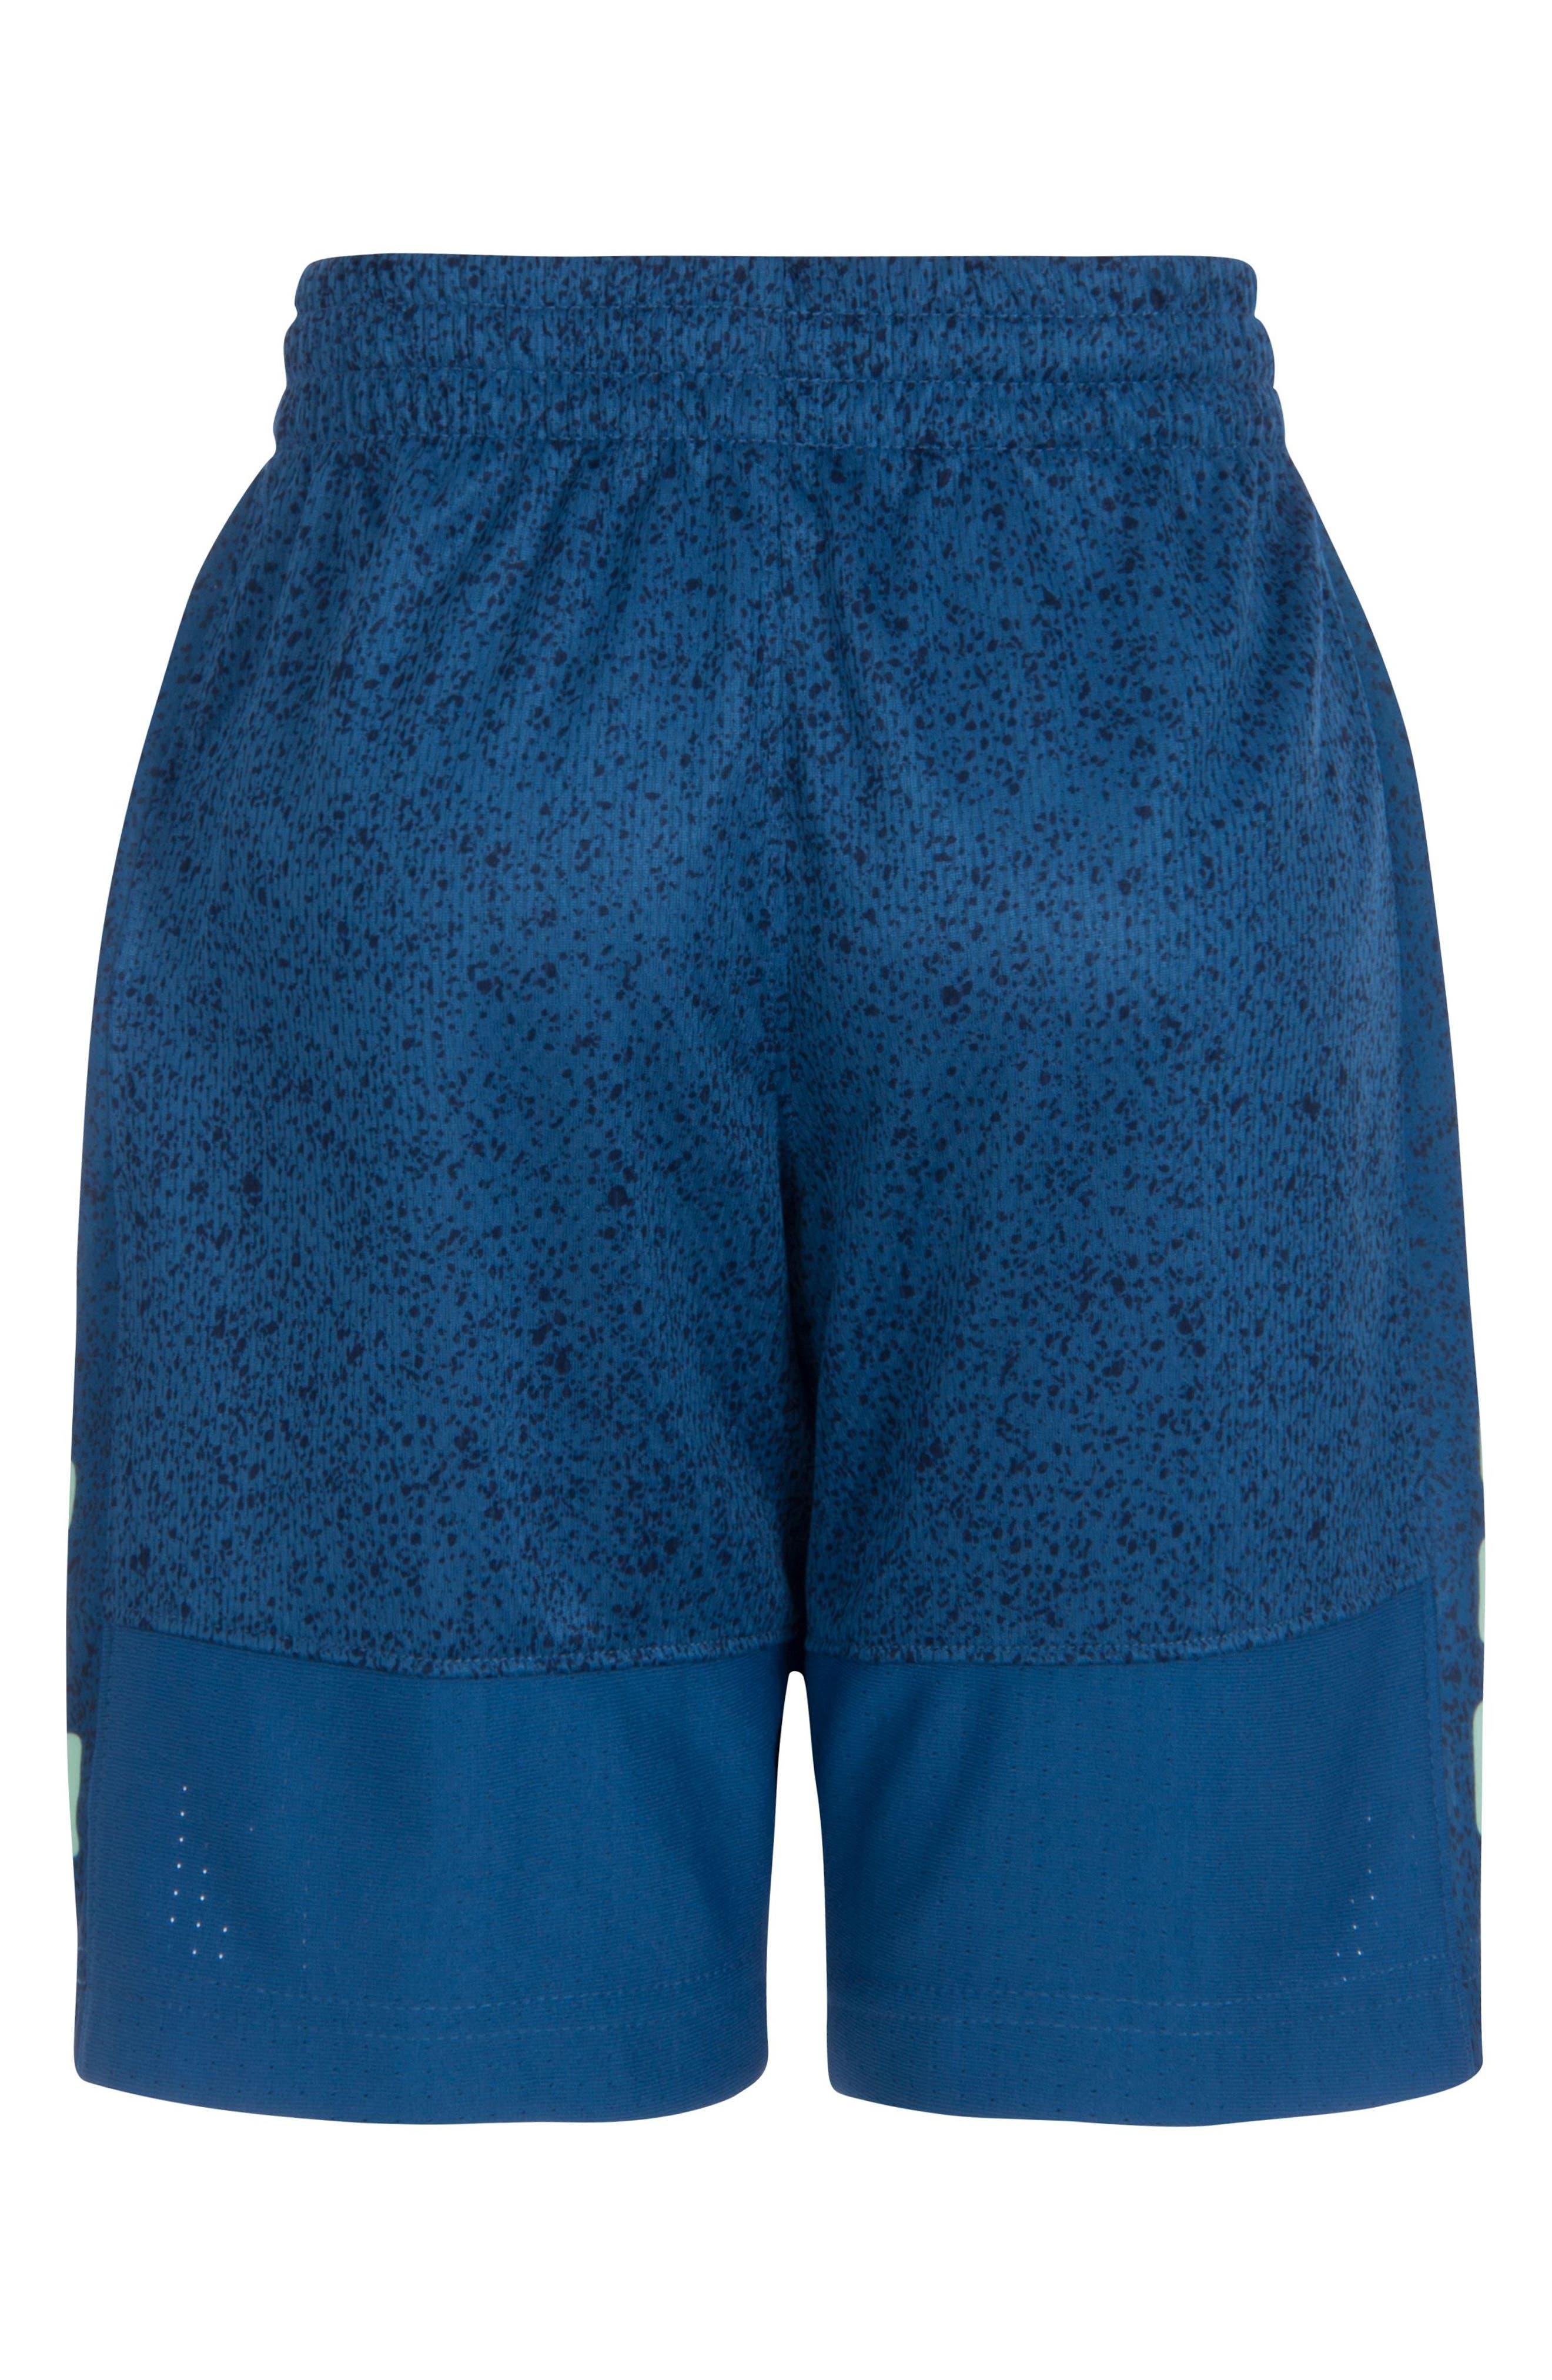 Elite Print Shorts,                             Alternate thumbnail 8, color,